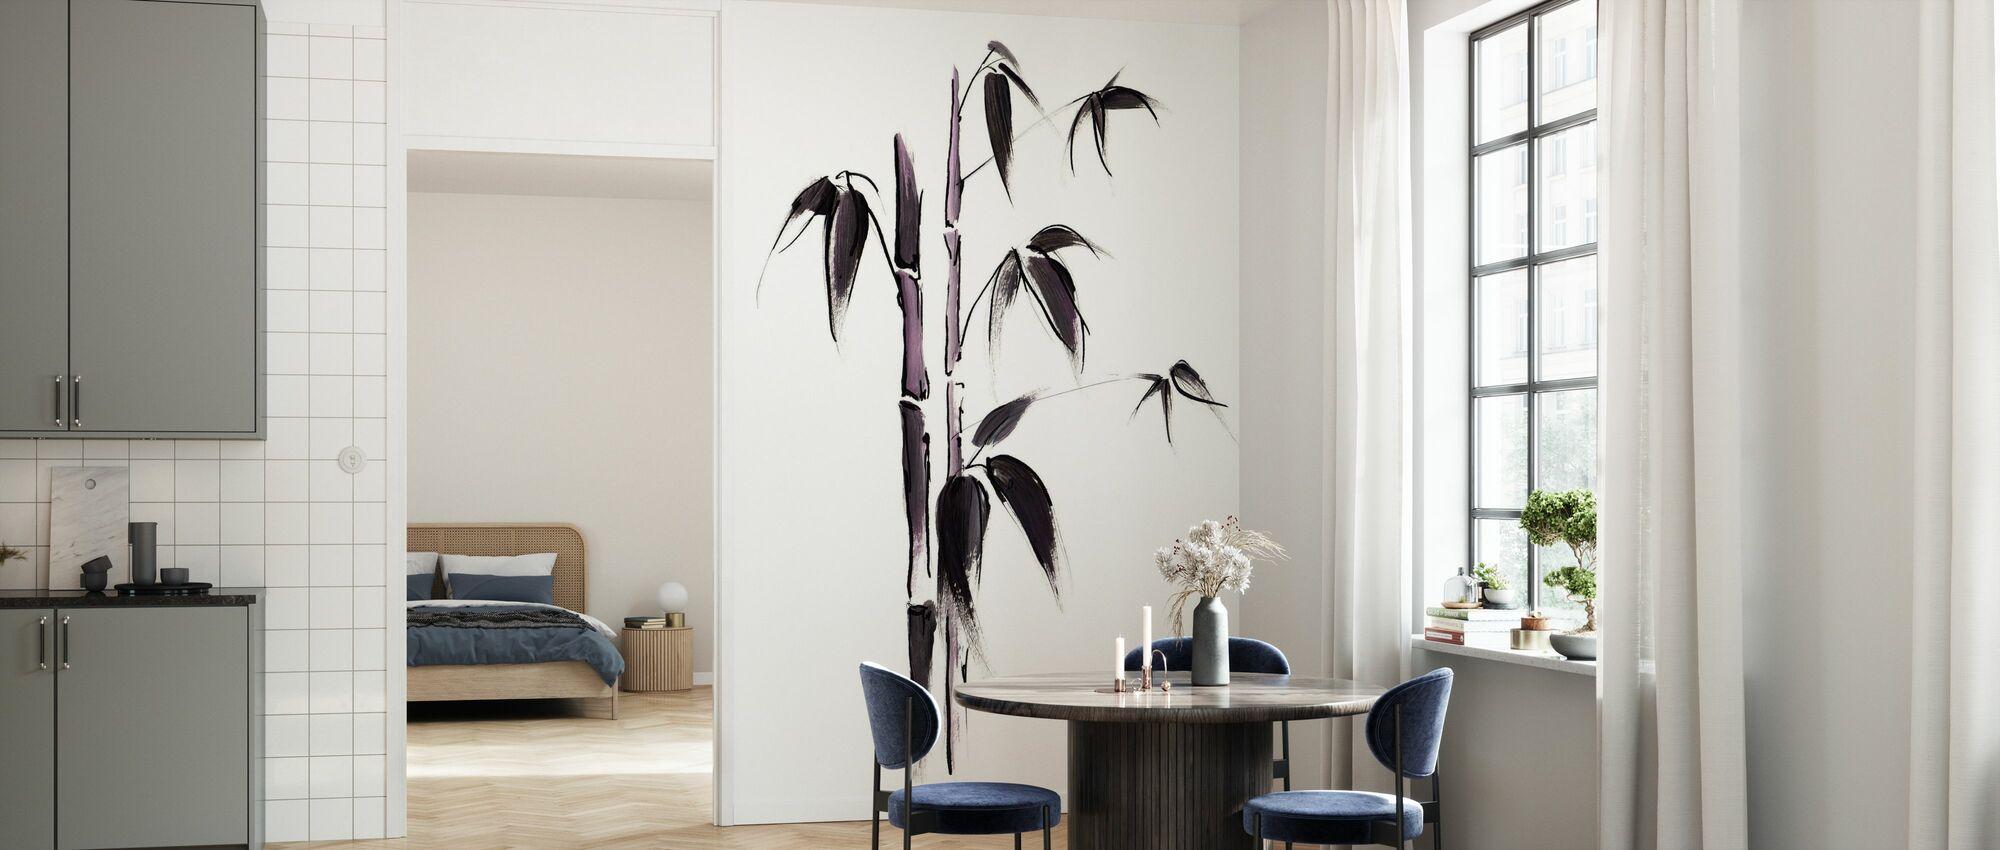 Bambu kuva - Tapetti - Keittiö